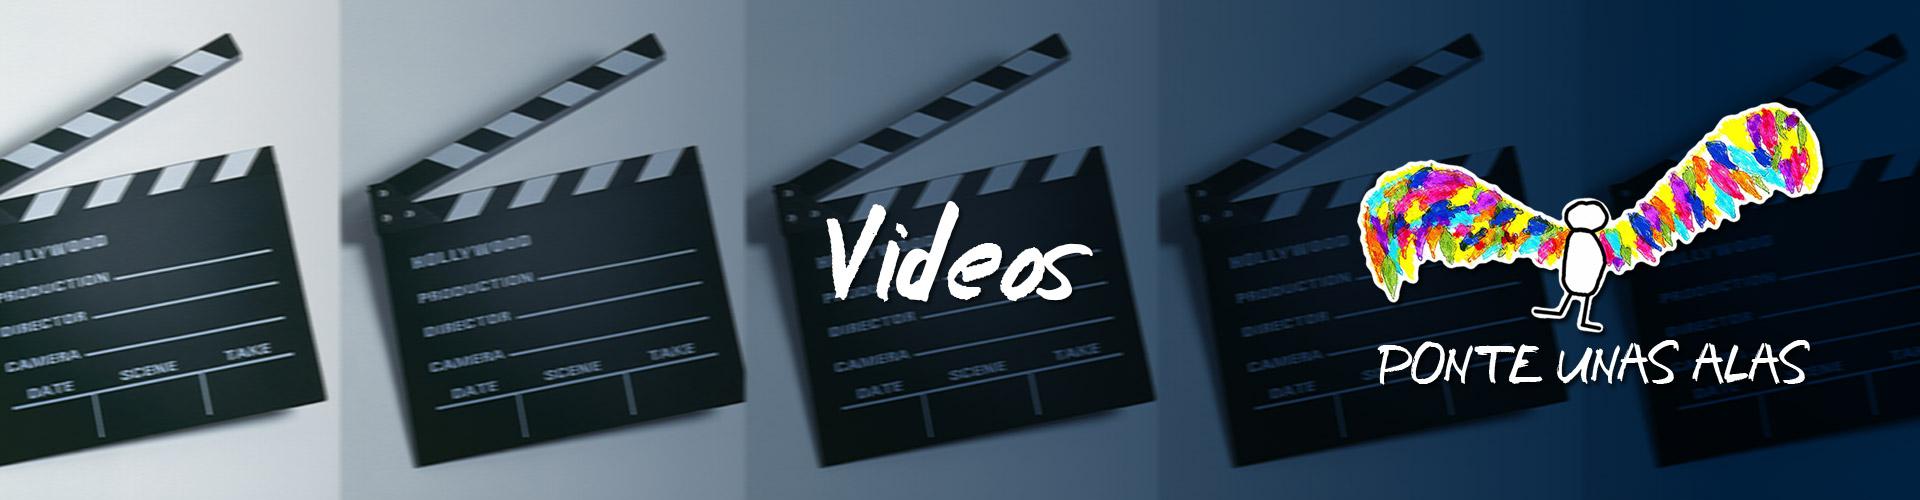 vídeos Ponte unas Alas